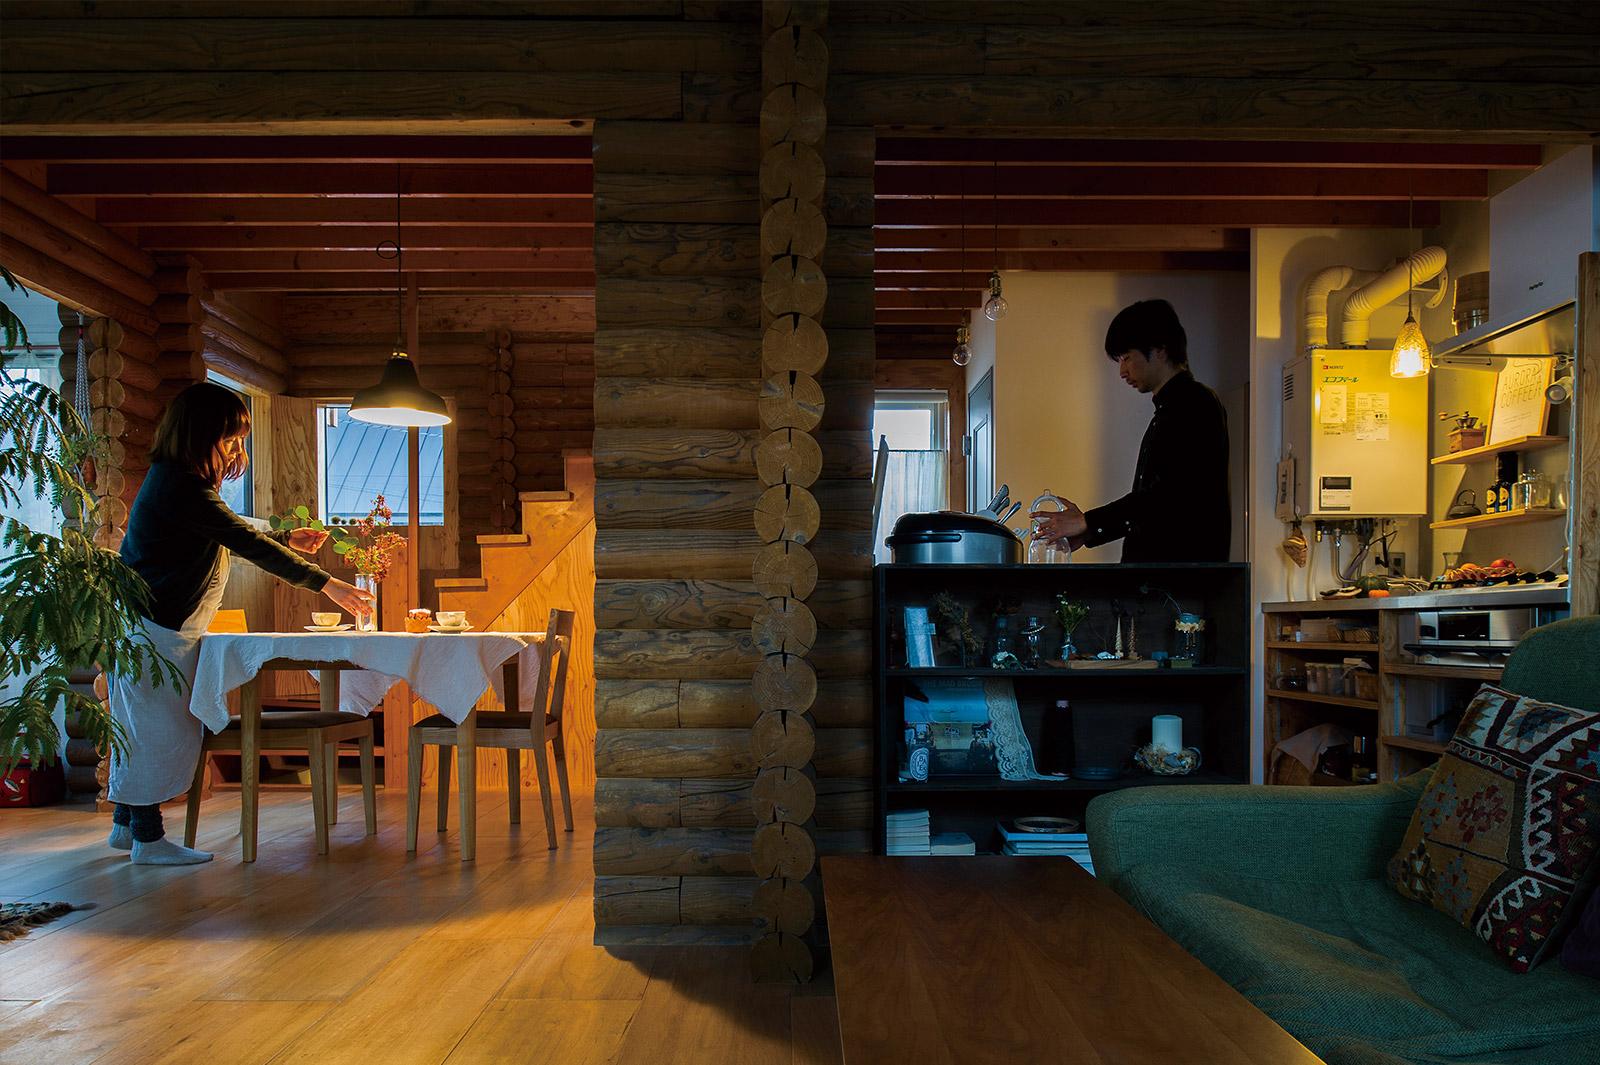 「面白い」から始まるリノベーション 豊かな発想で活かす家の個性